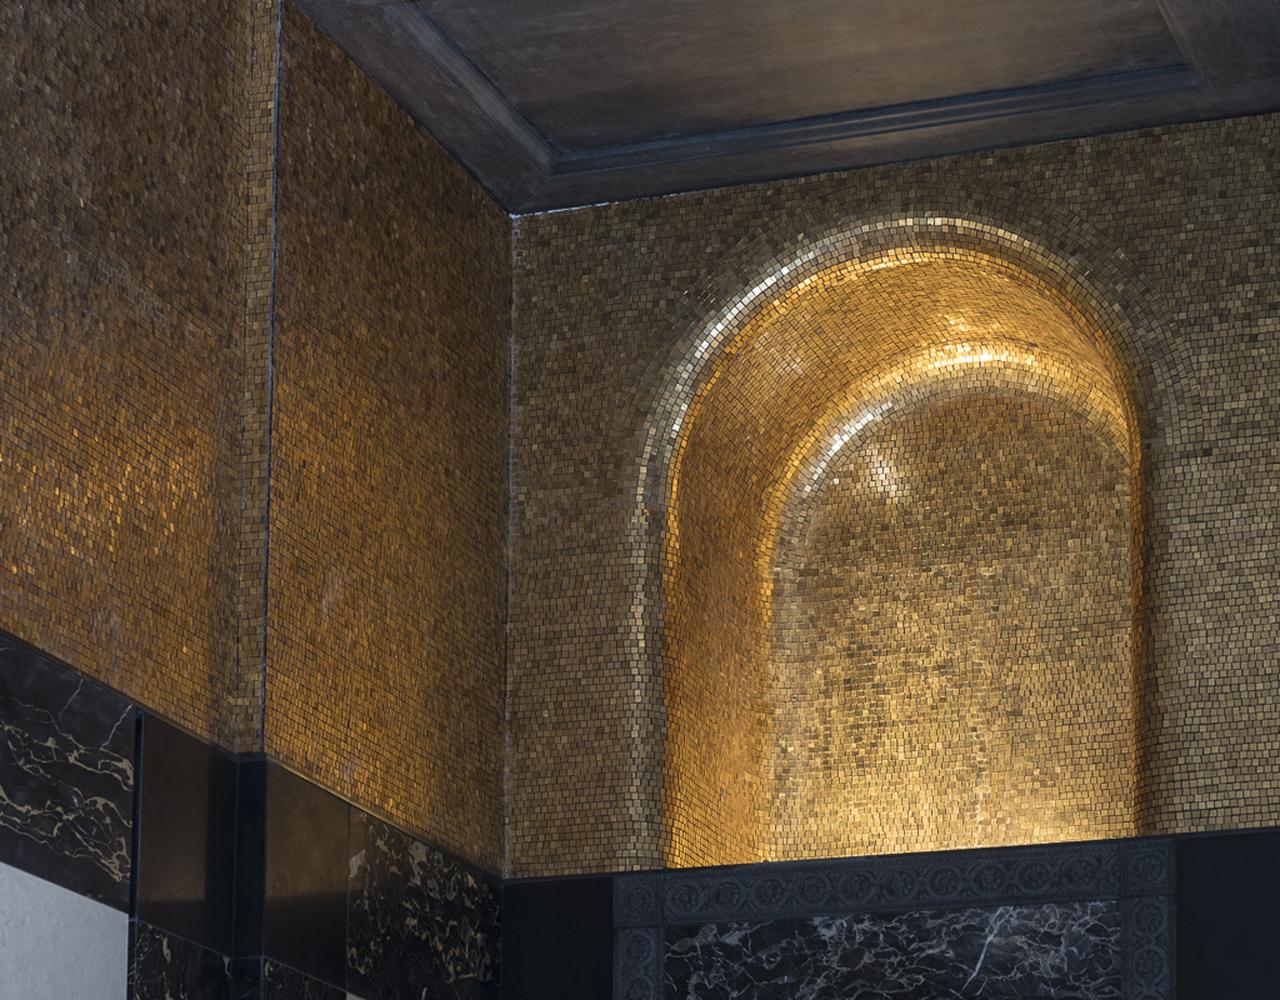 cotto artigianale intarsiato con il mosaico